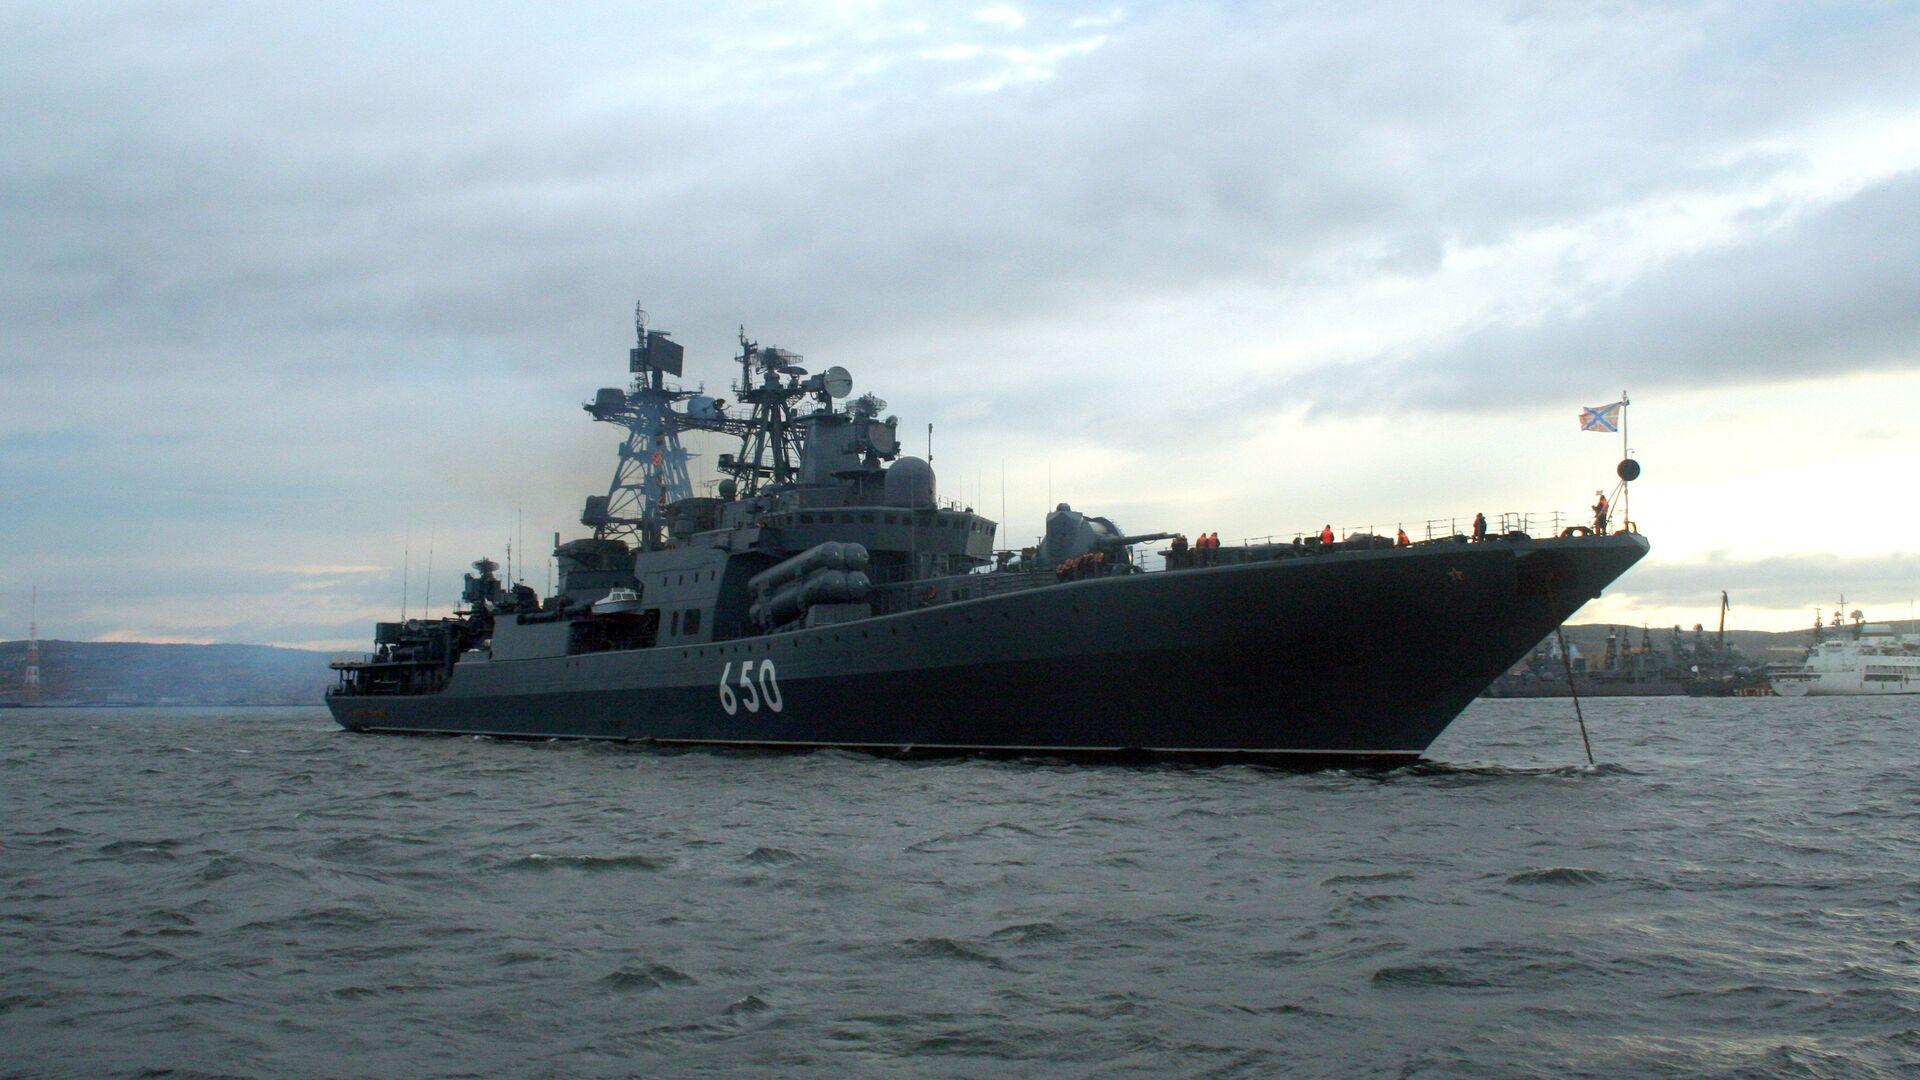 Боевой корабль Северного флота - большой противолодочный корабль (БПК) Адмирал Чабаненко - РИА Новости, 1920, 16.11.2020